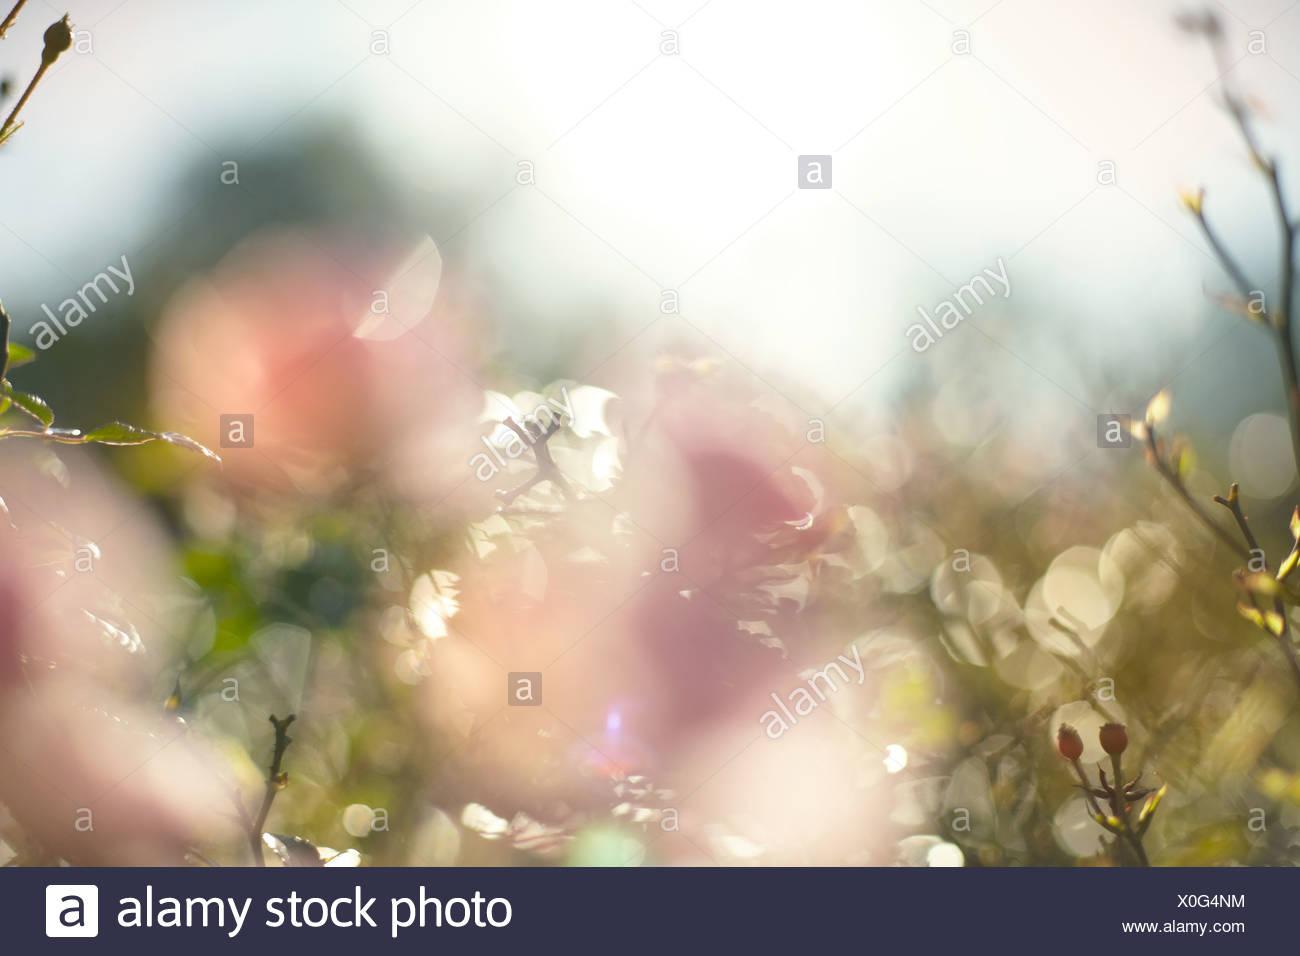 Wildflowers - Stock Image